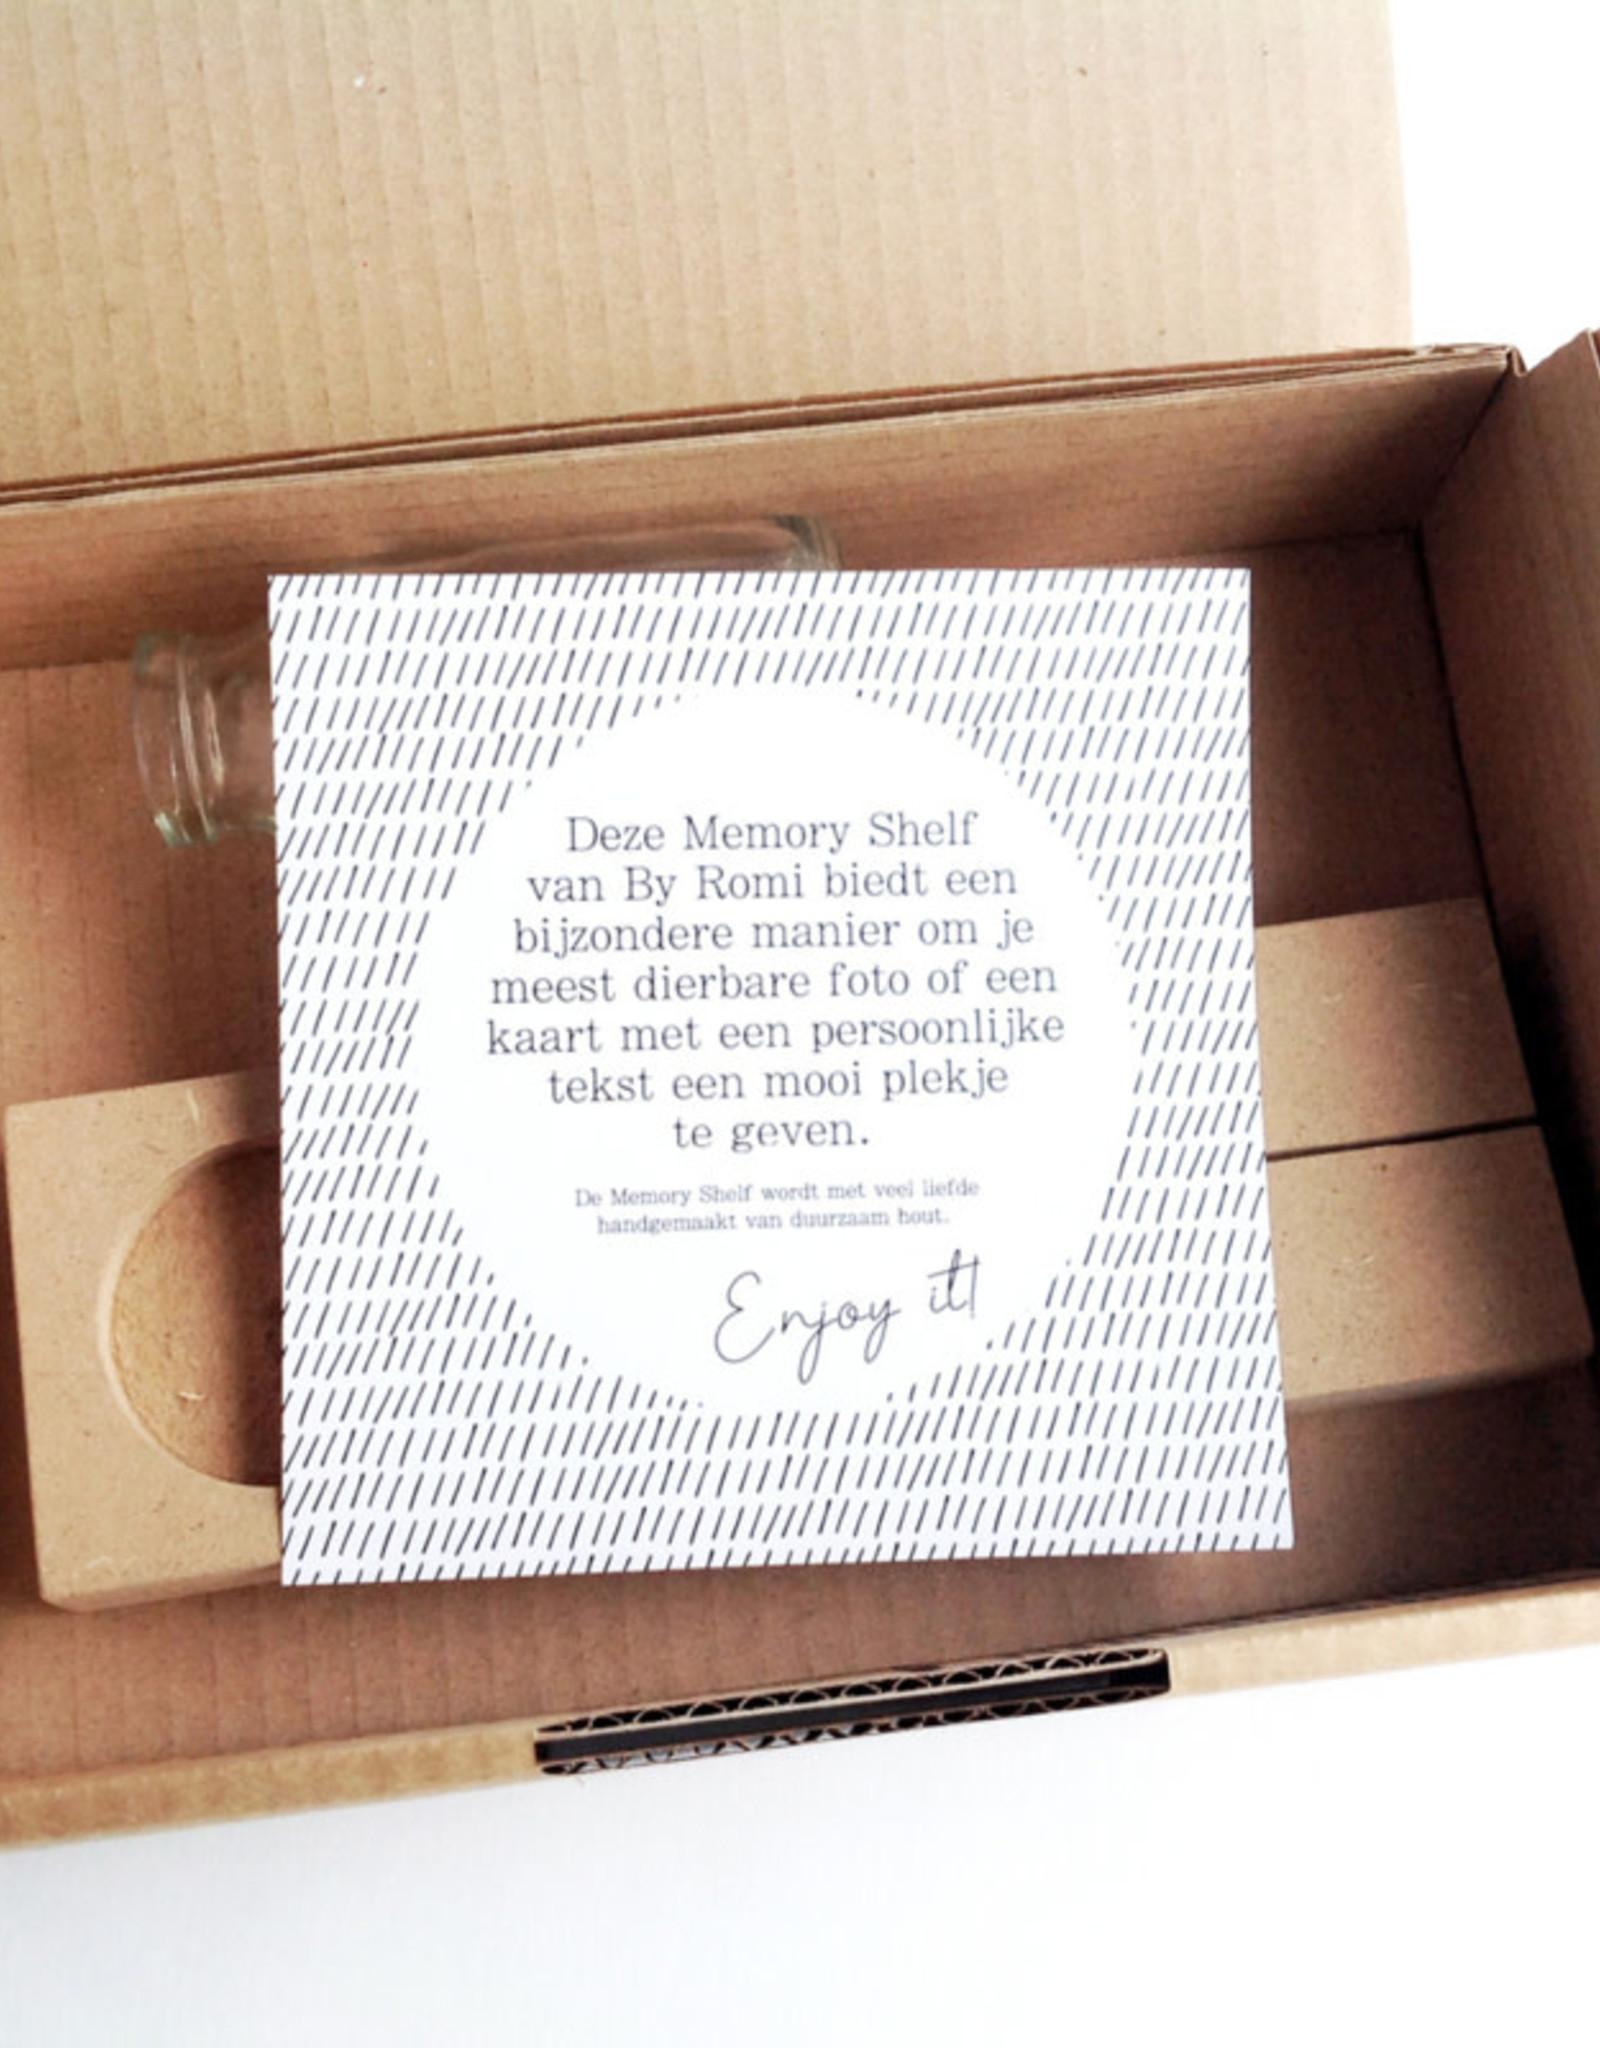 By romi By romi: memory shelf met vaasje, kaarsje en kaartje hart